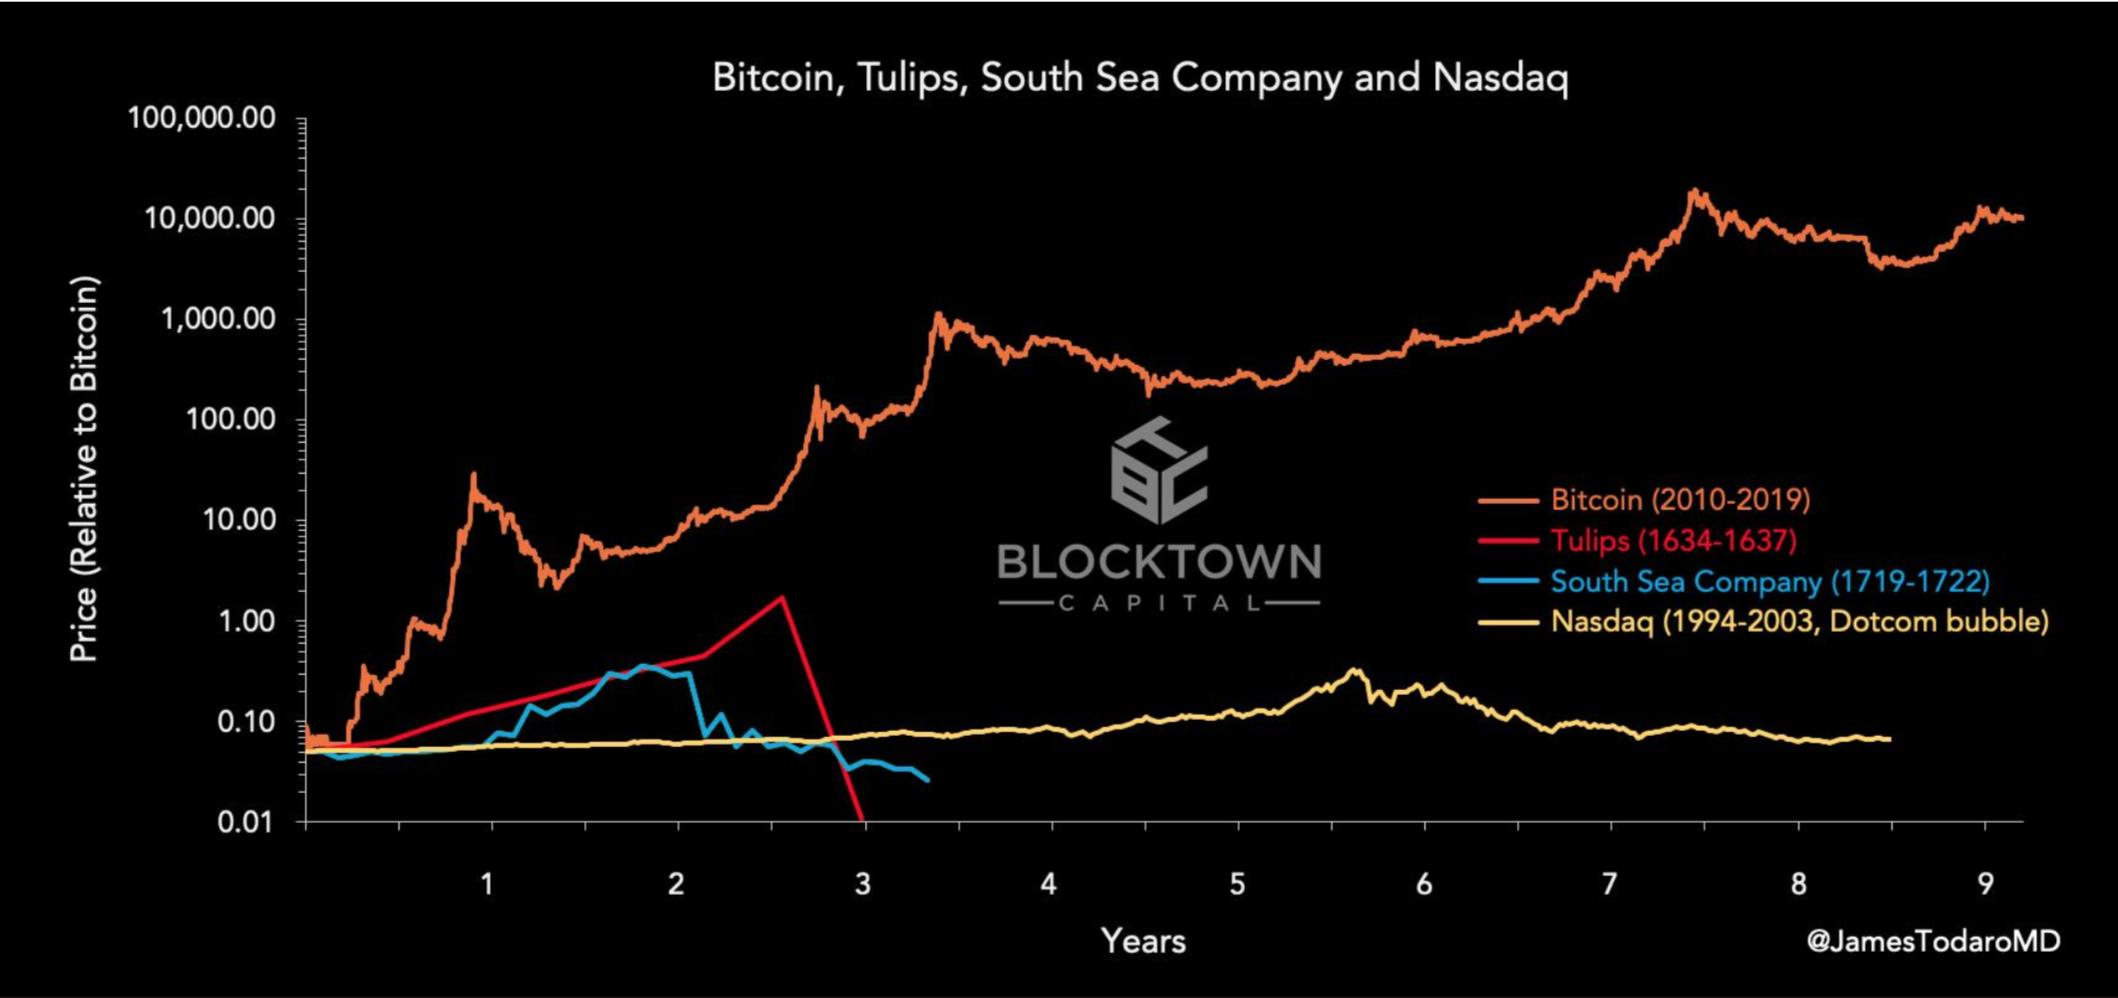 ビットコイン5月急騰の背景。仮想通貨バブル再来なるか? | ハーバー・ビジネス・オンライン